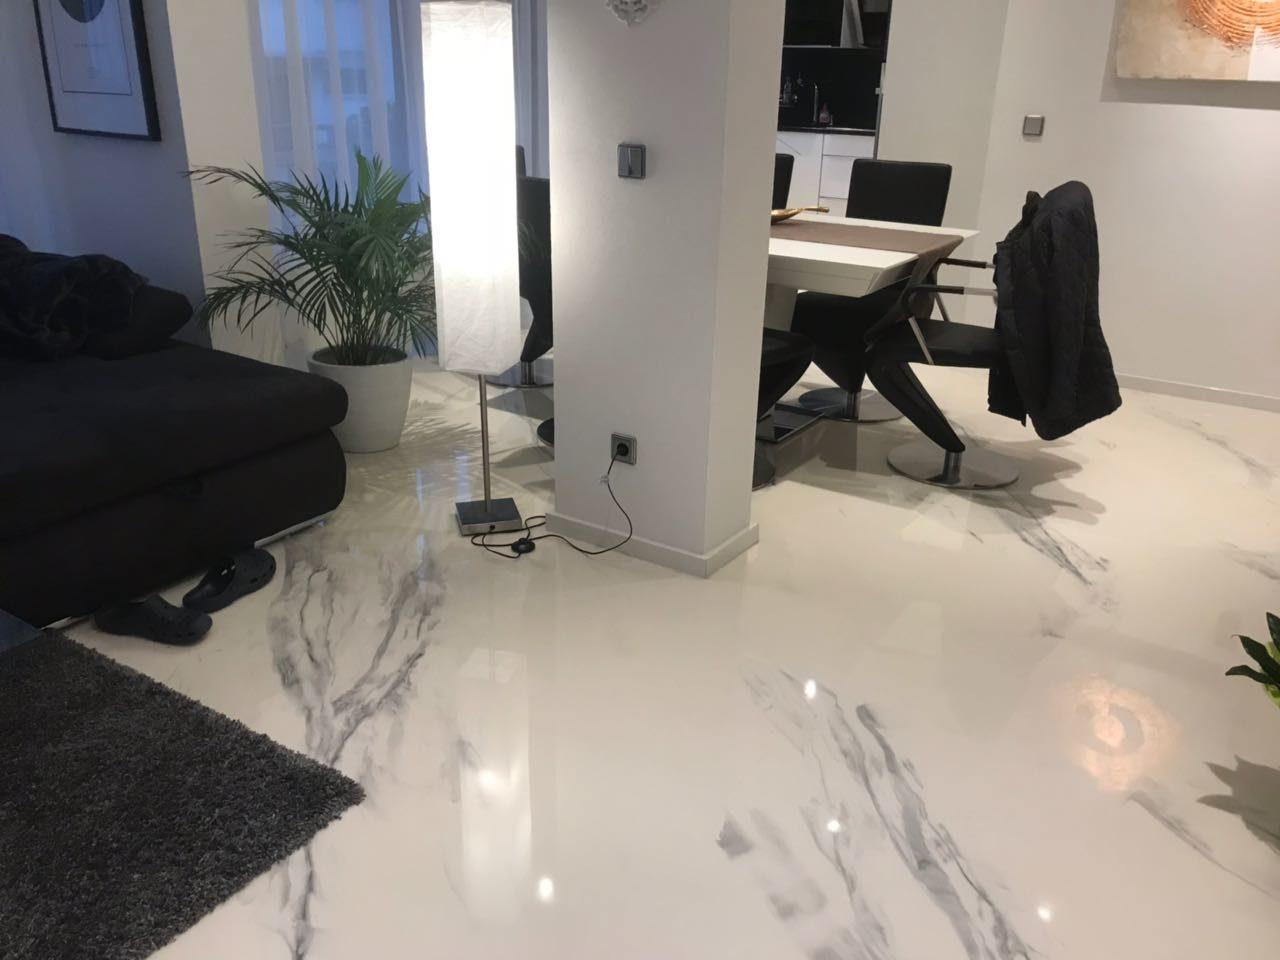 3d Fußboden Wohnzimmer ~ D fußboden stedfloor